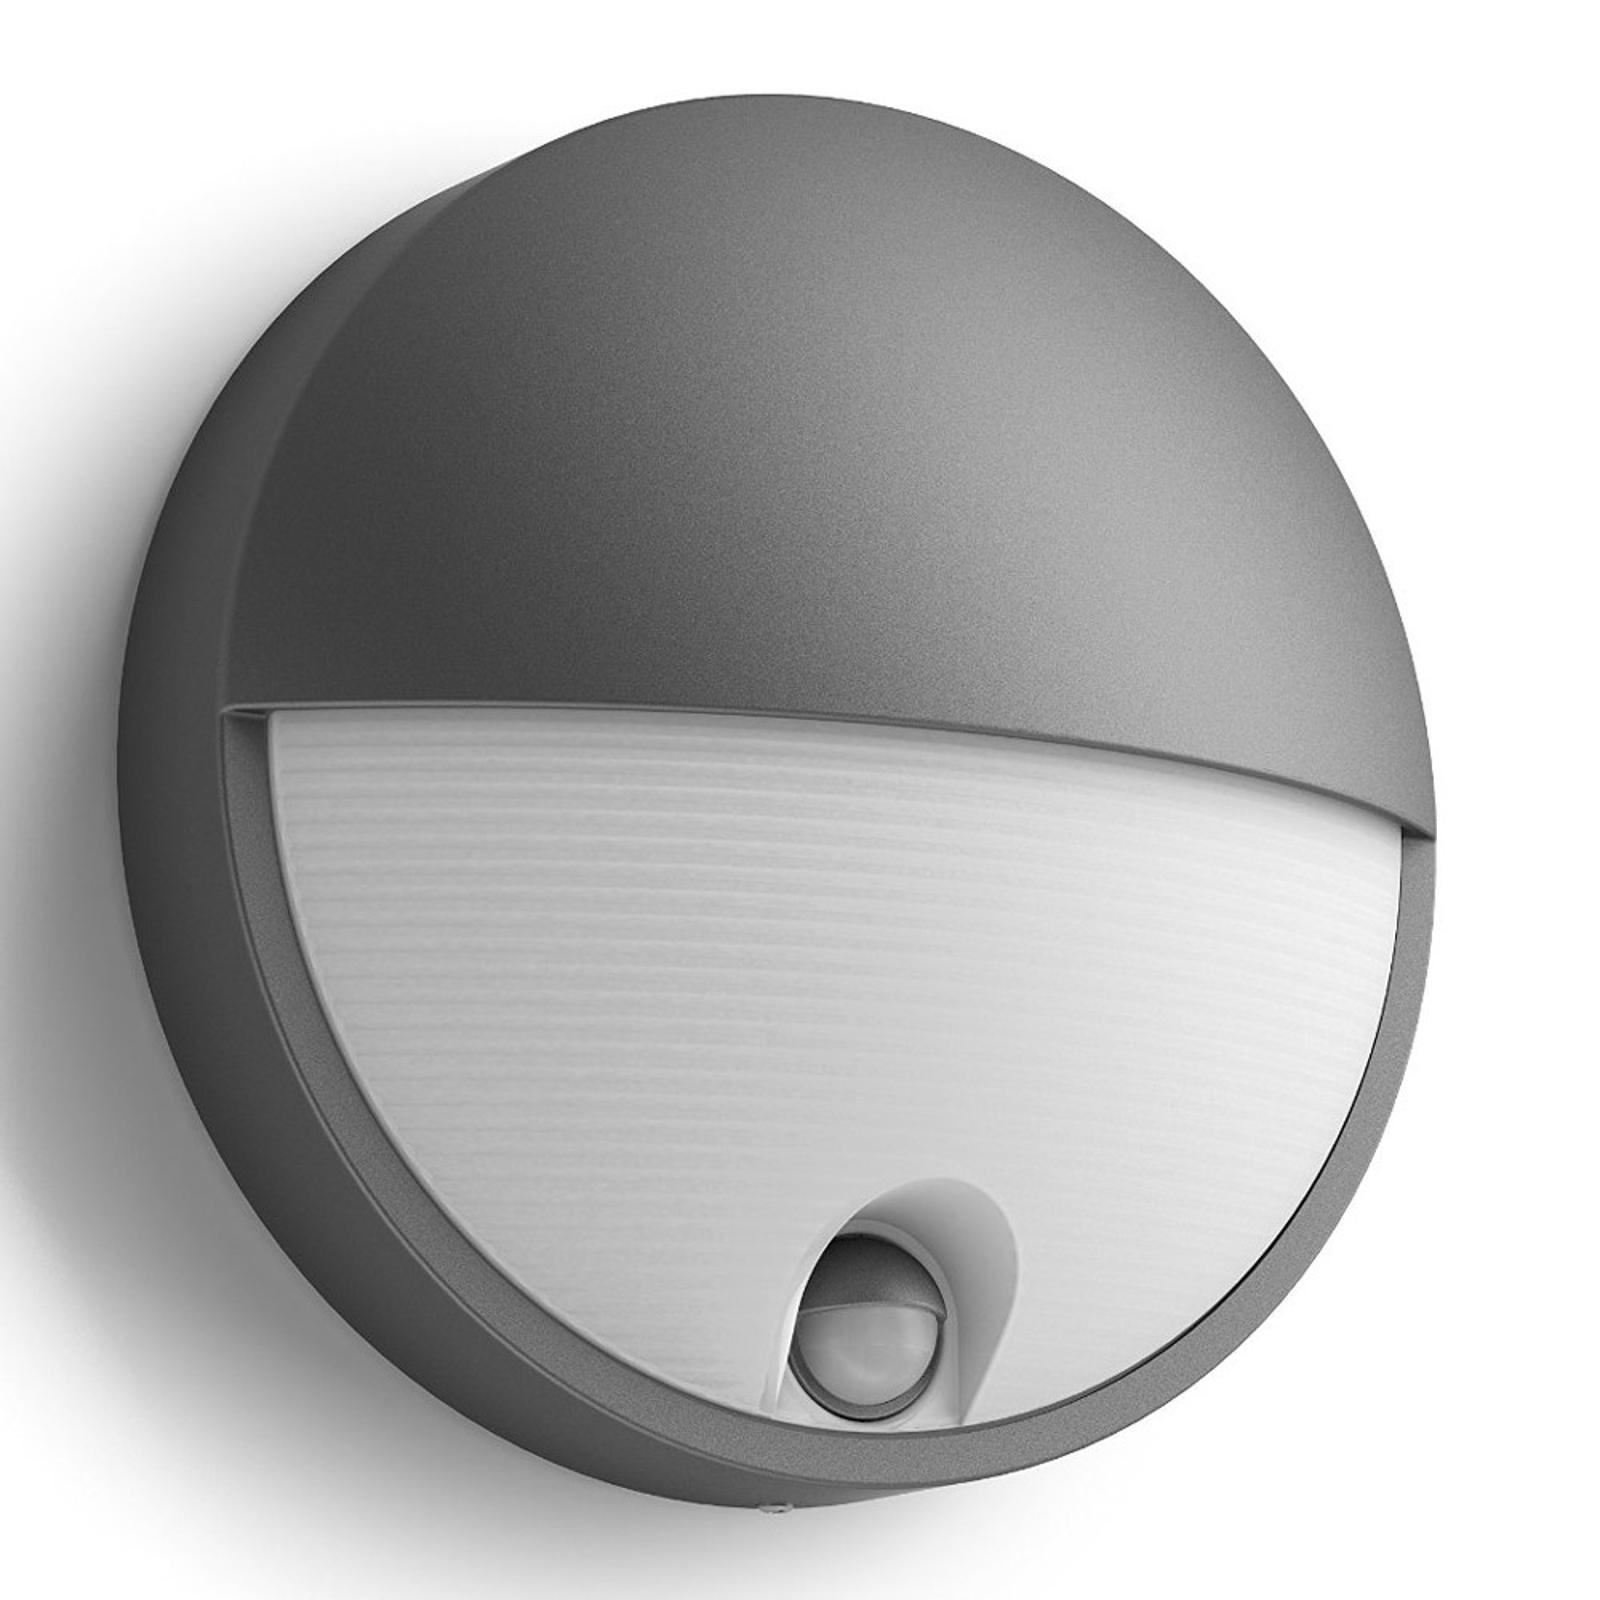 Applique d'extérieur LED Capricorn avec détecteur